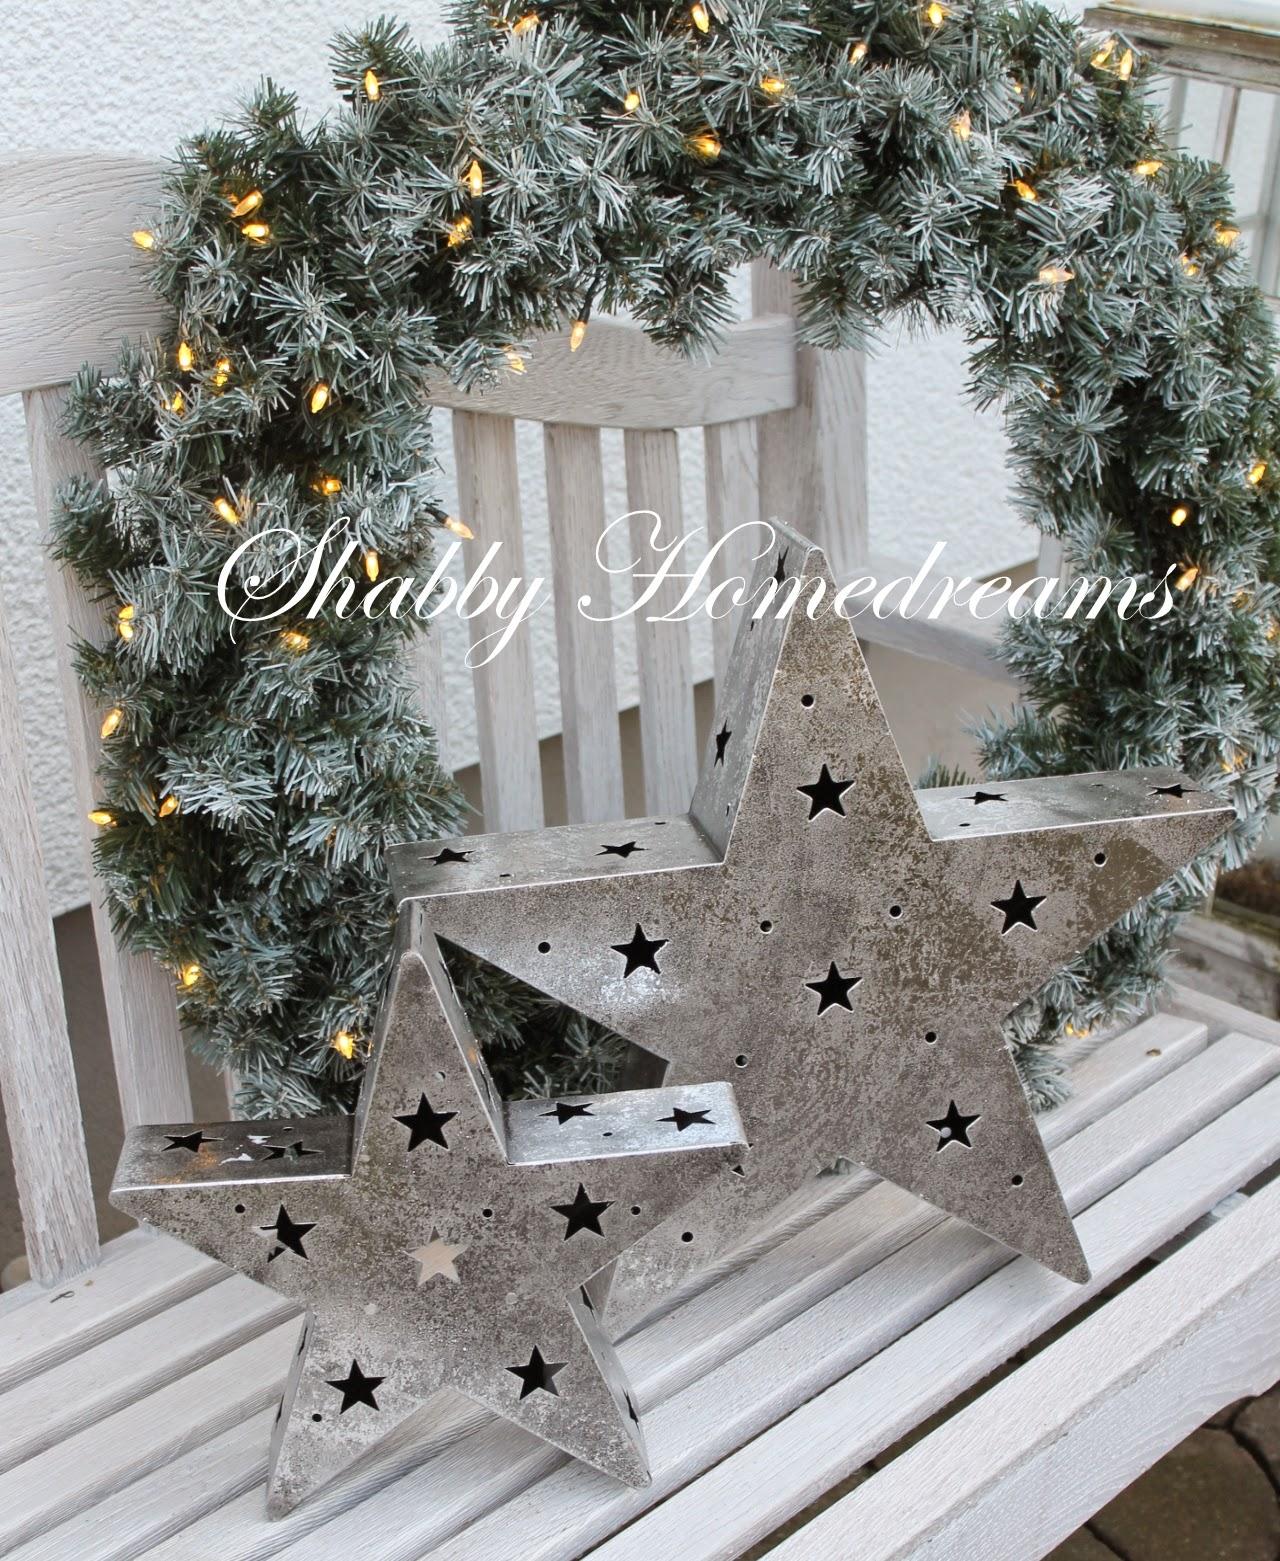 villa alba nur noch 37 tage bis weihnachten. Black Bedroom Furniture Sets. Home Design Ideas